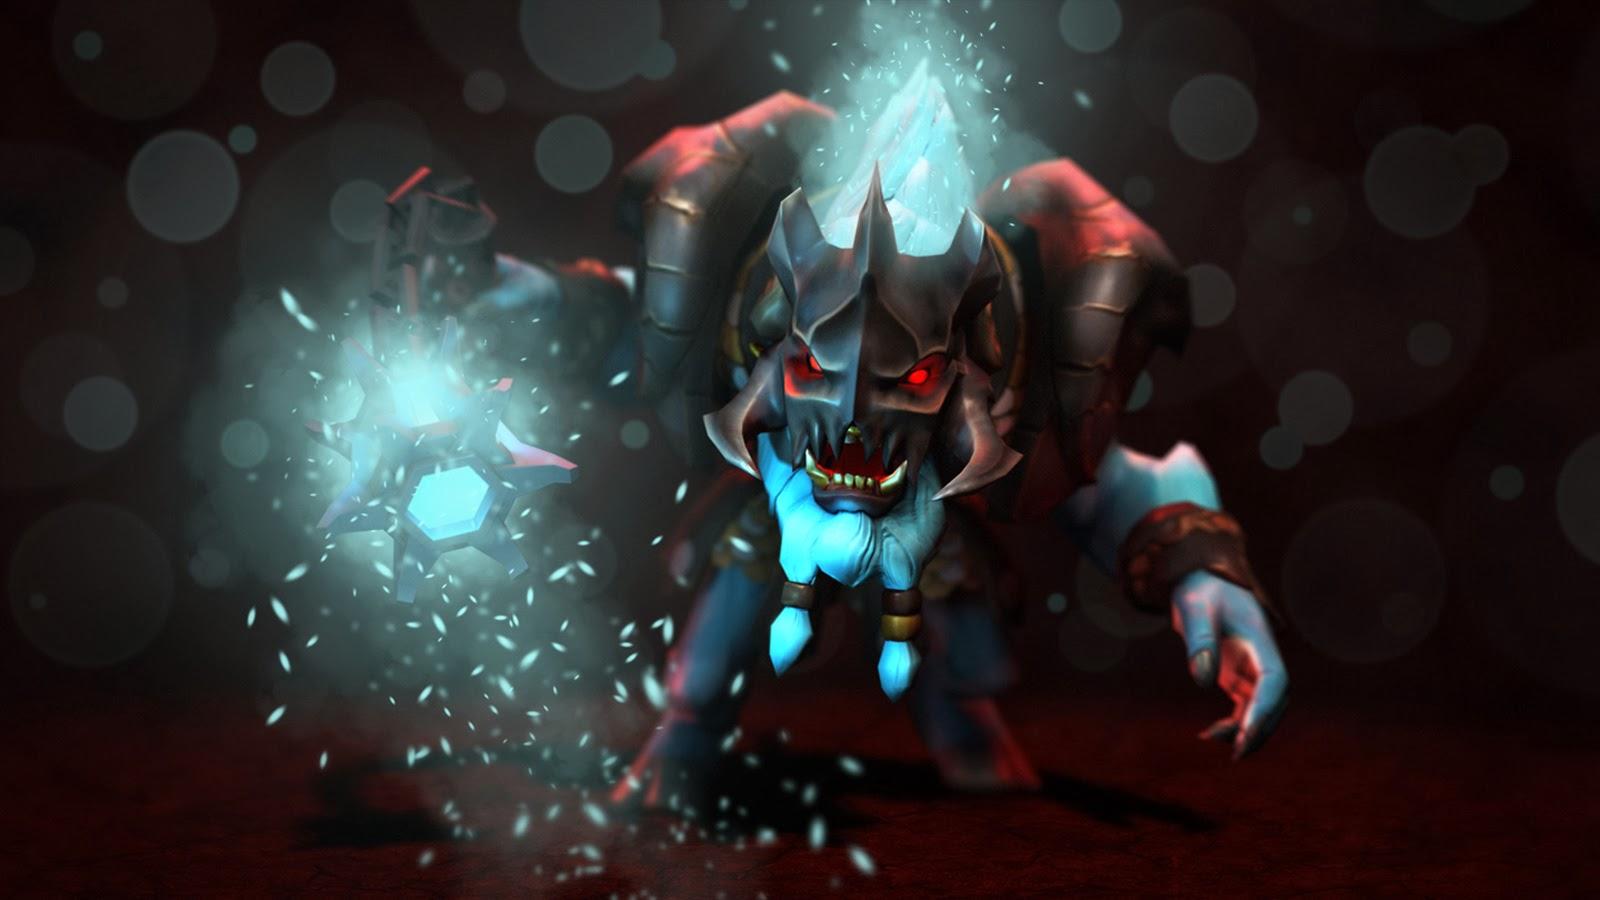 Barathrum Dota 2 Spirit Brealker 4g Wallpaper HD